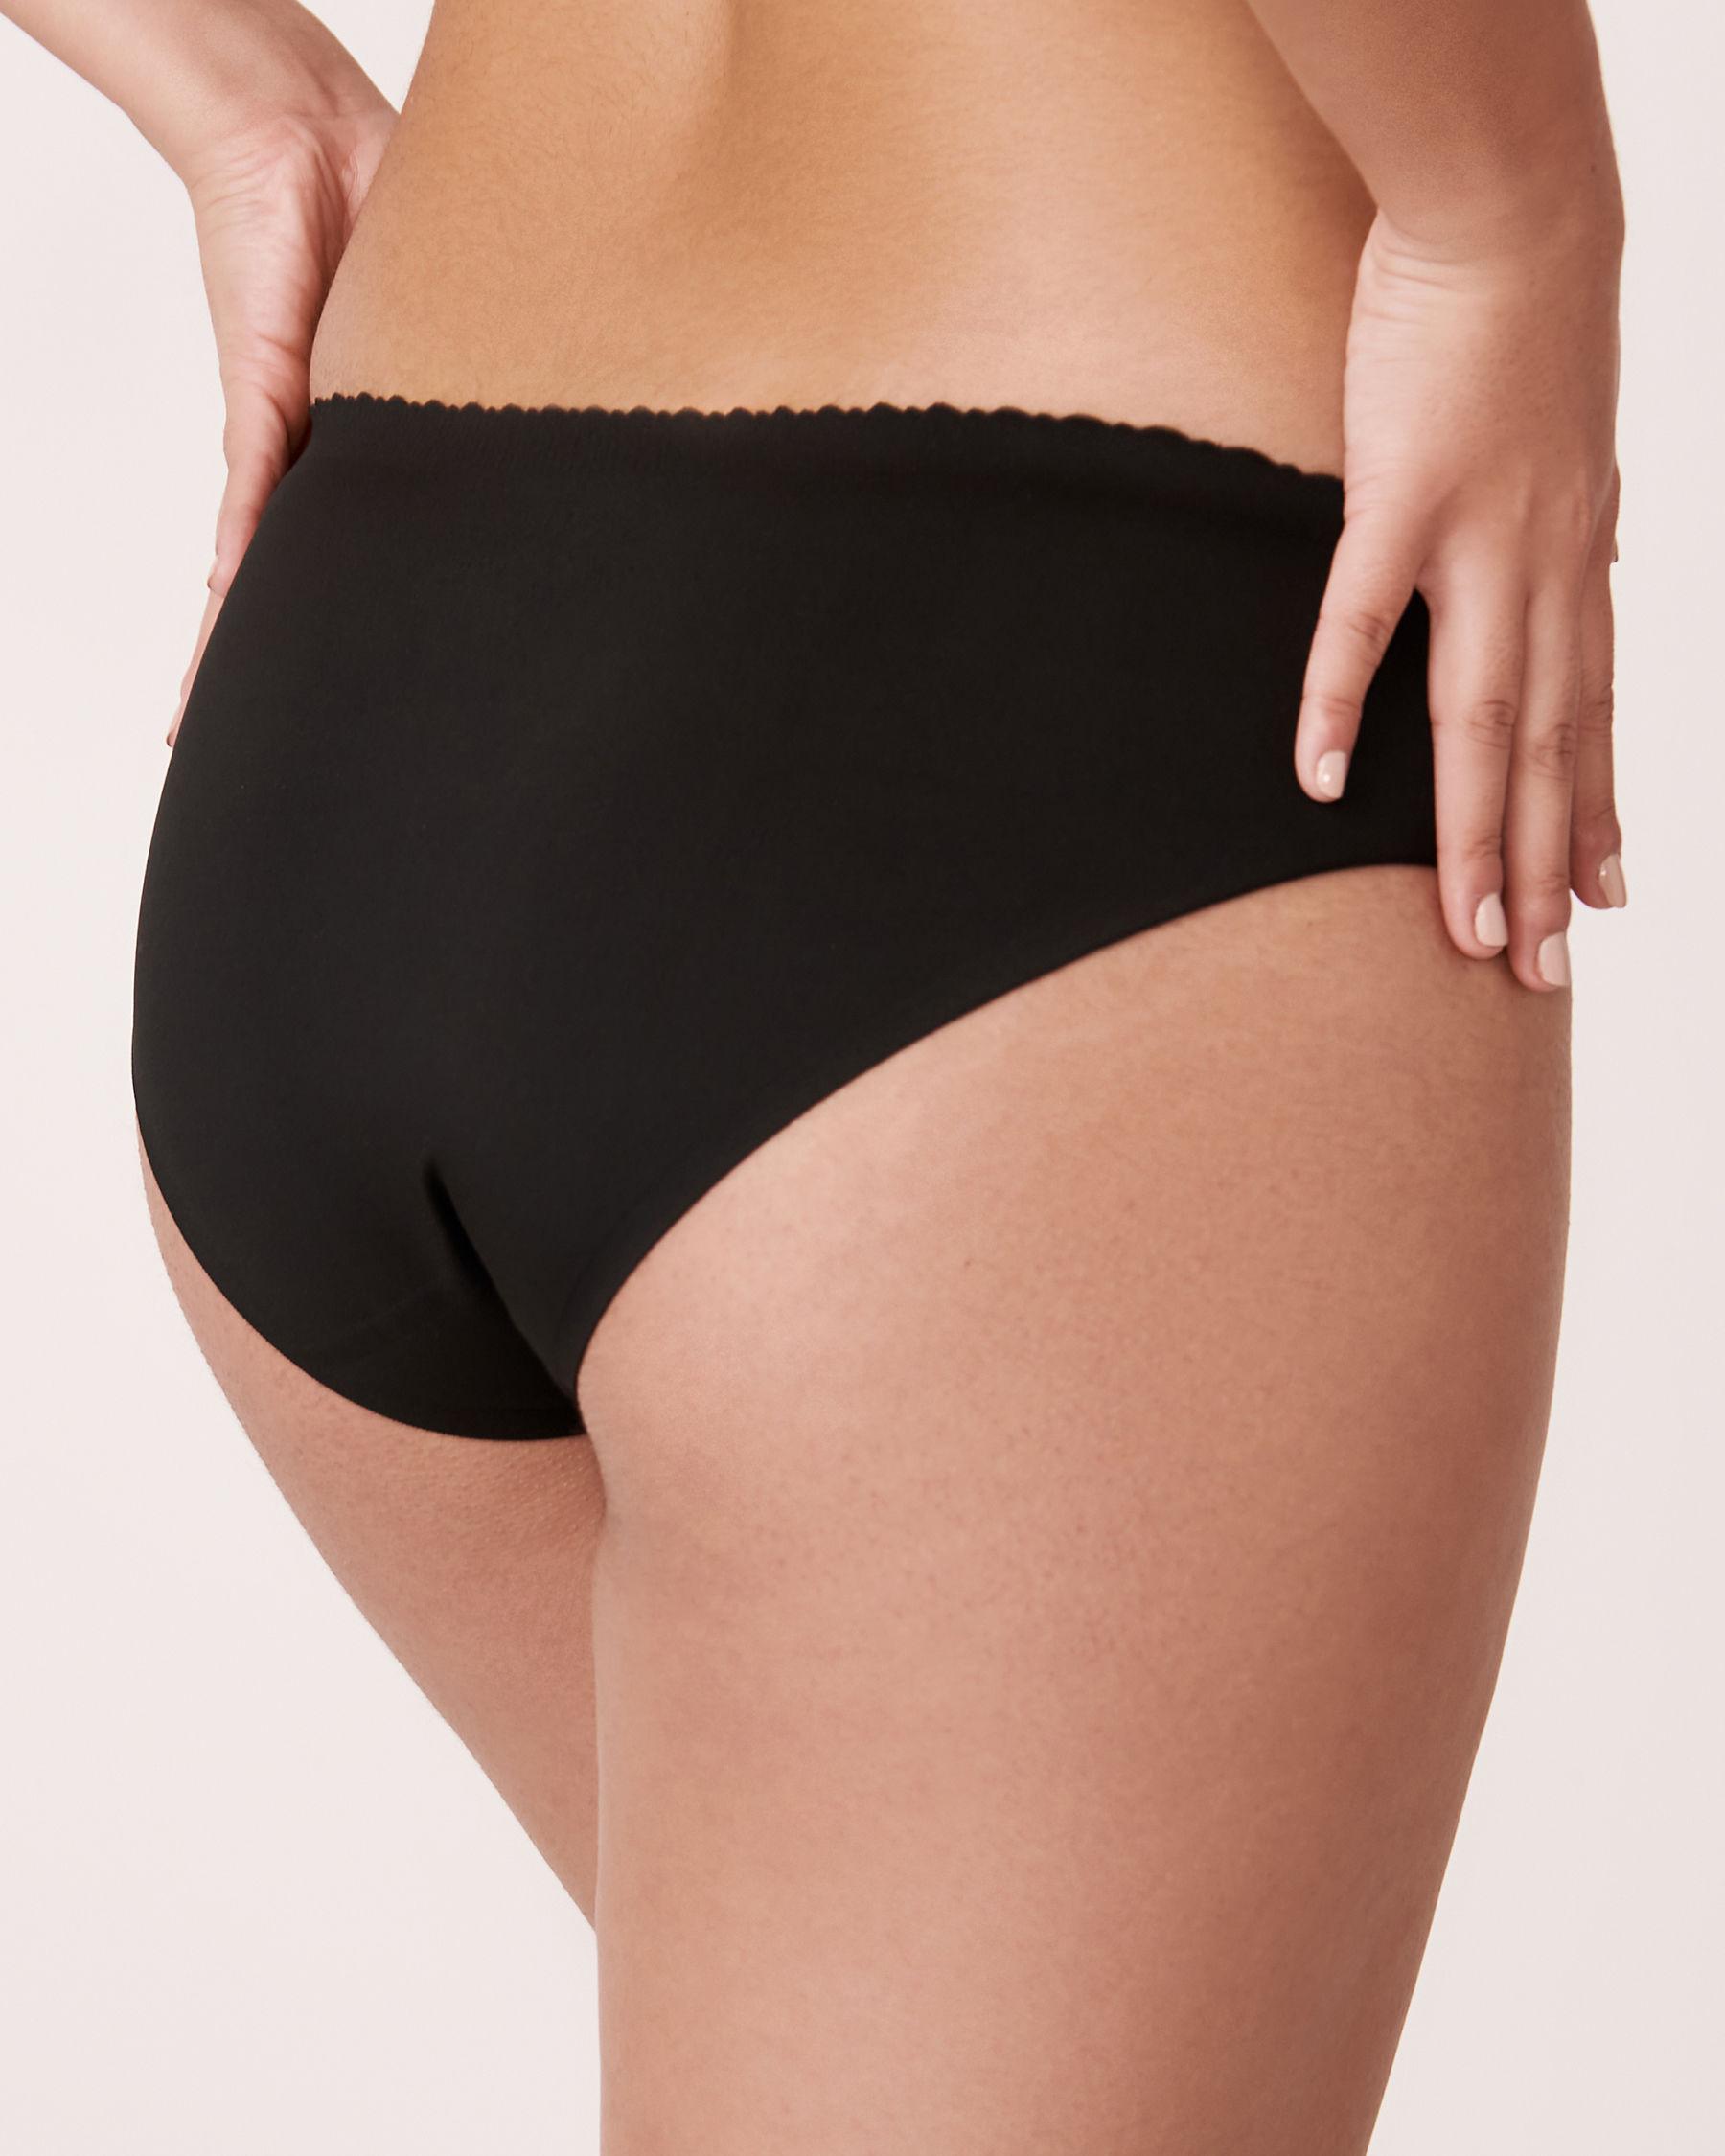 LA VIE EN ROSE Culotte bikini sans coutures Noir 712-122-0-00 - Voir2